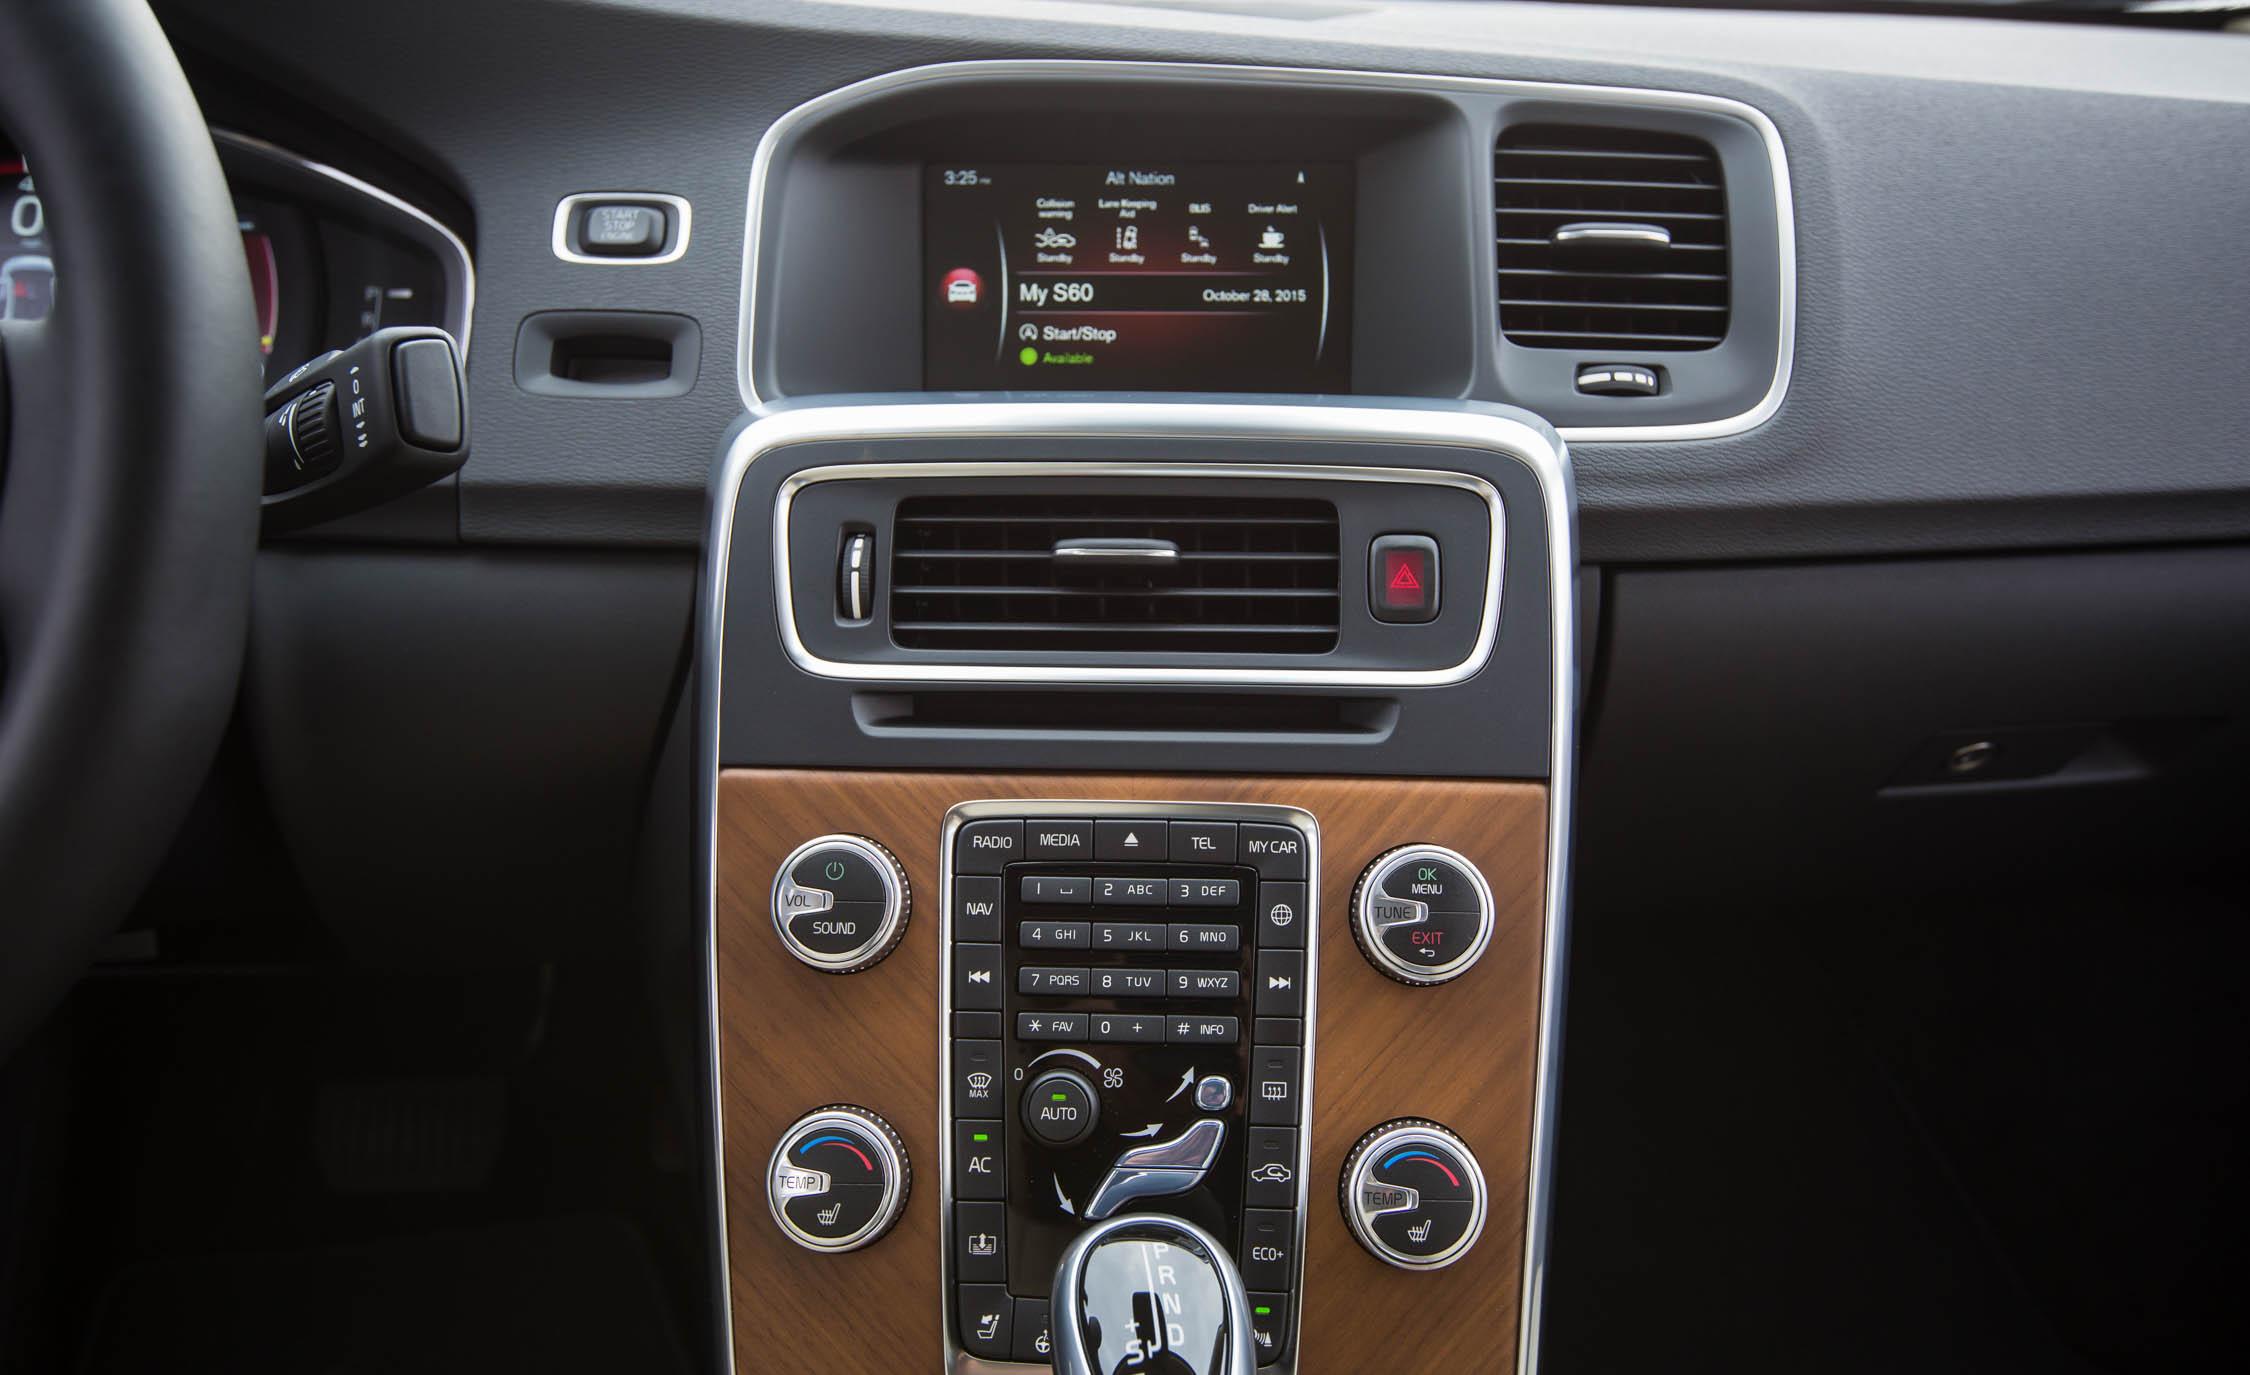 2016 Volvo S60 T5 Inscription Interior Center Head Unit